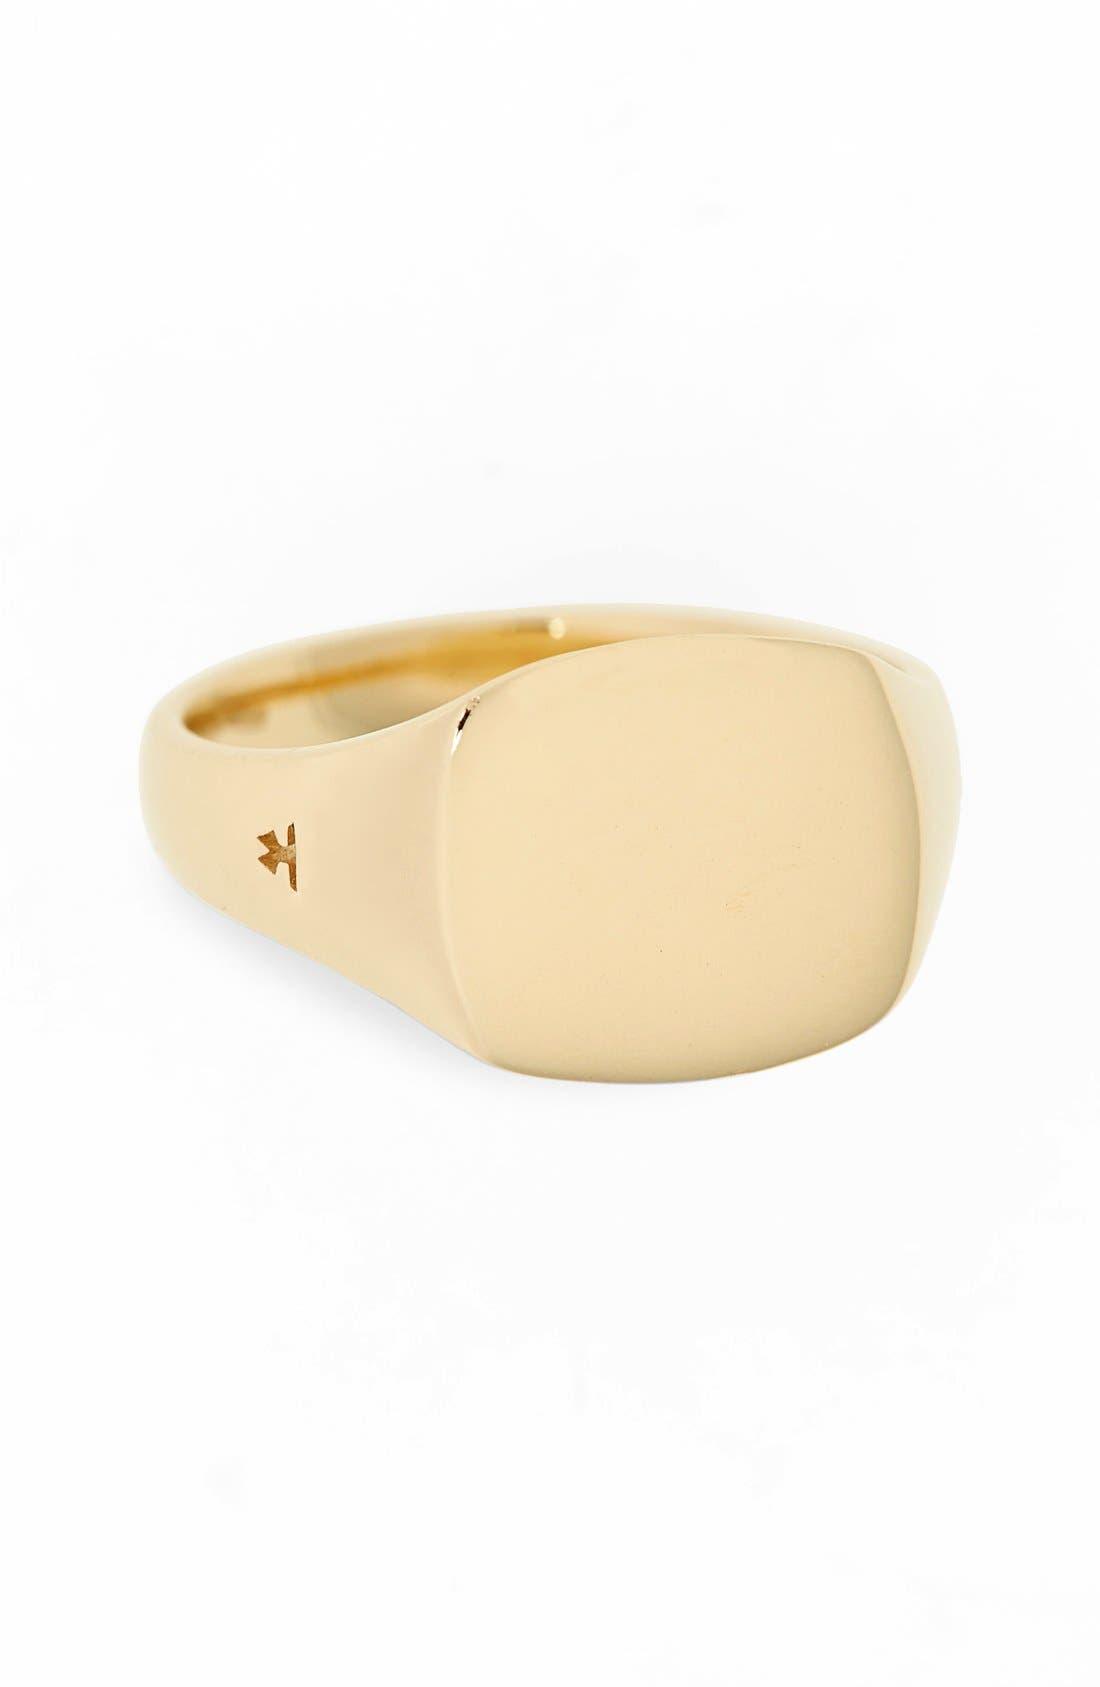 Mini Gold Cushion Signet Ring,                             Main thumbnail 1, color,